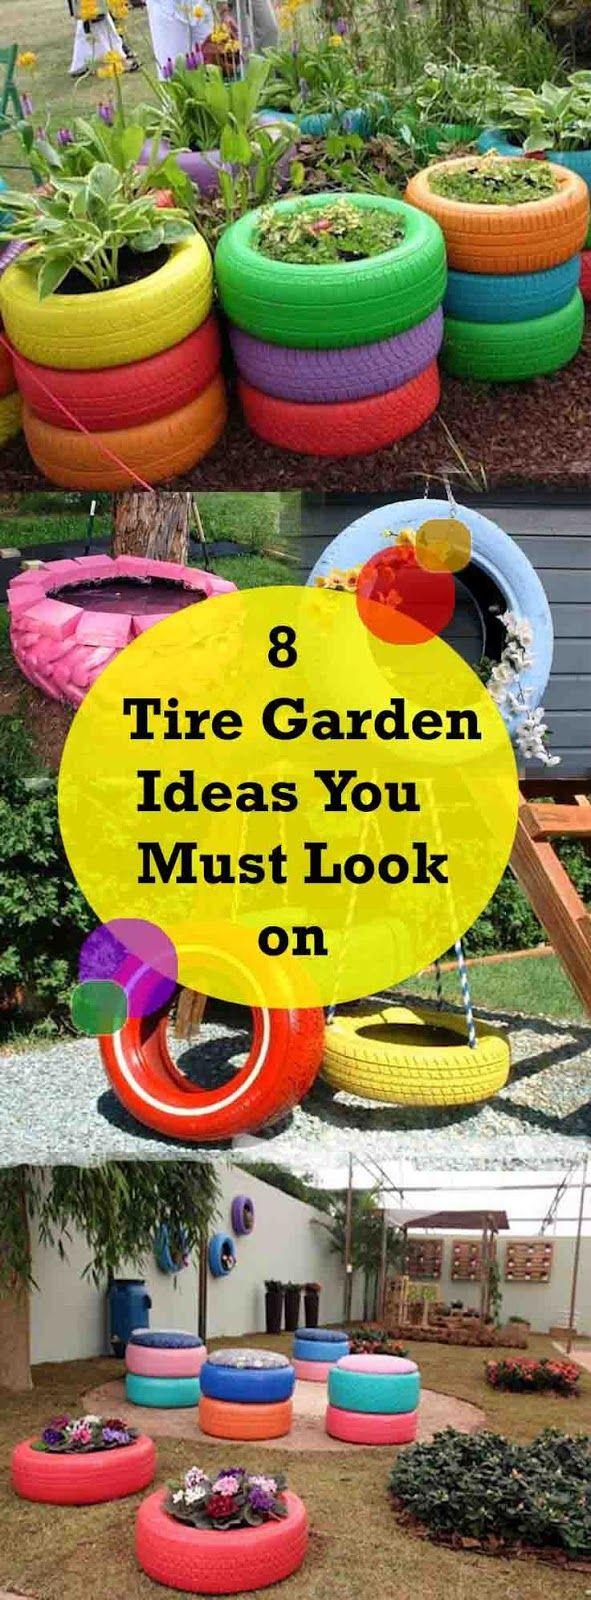 Homemade garden art ideas - Diy Ideas Using Tires In Your Garden